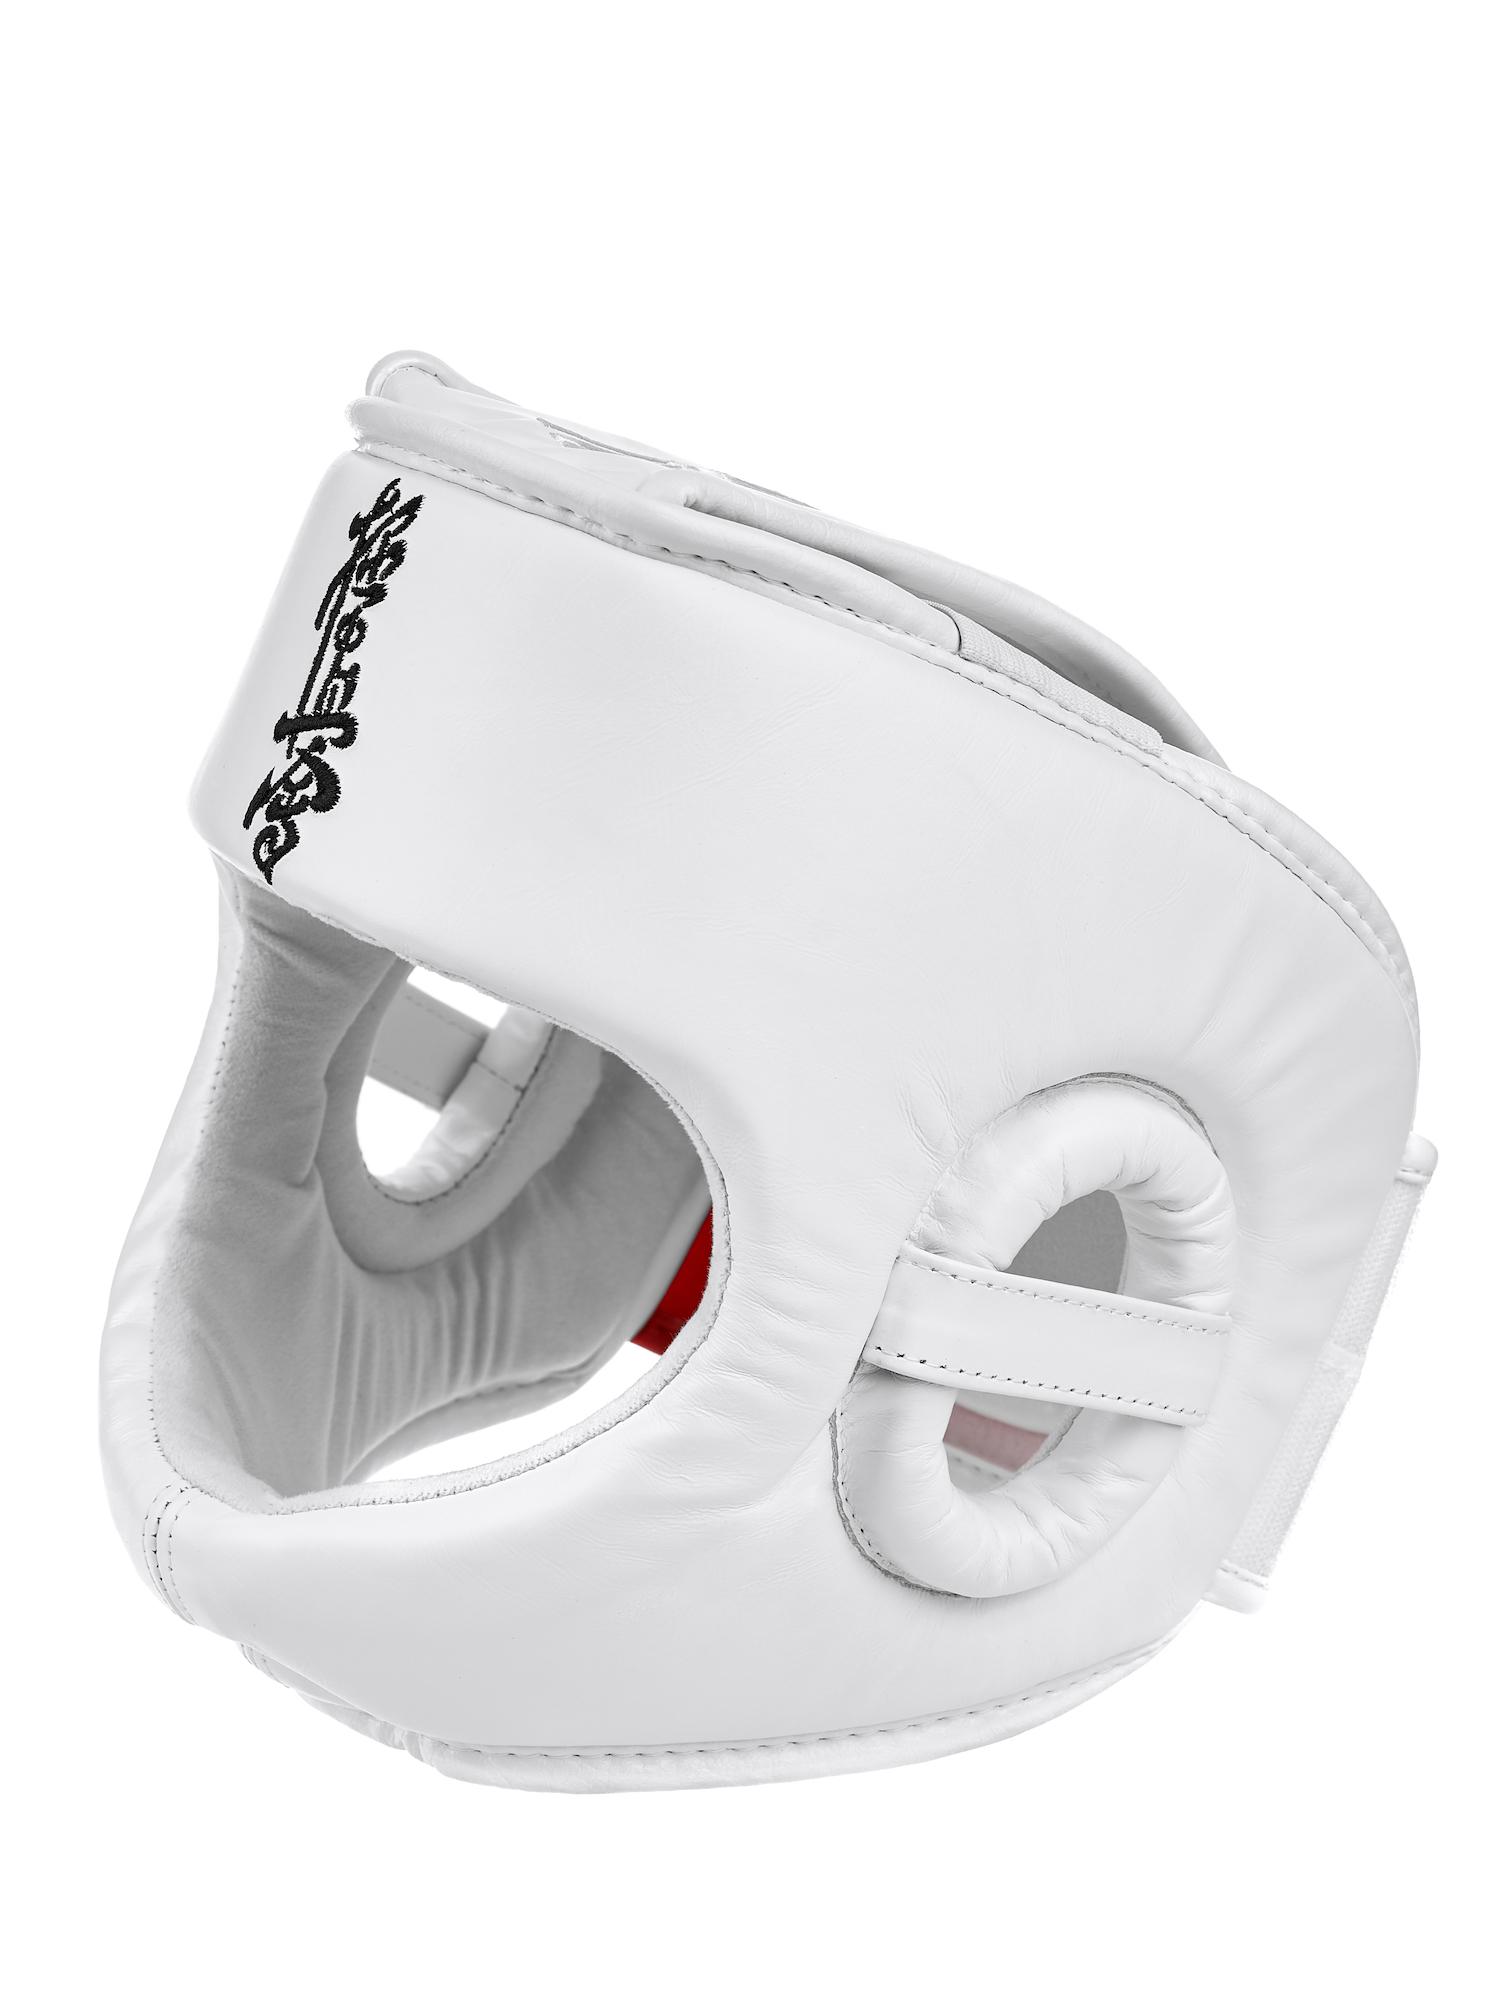 Шлемы Шлем BFS - KYOKUSHINKAI / Pro / Кожа IP-2.jpg